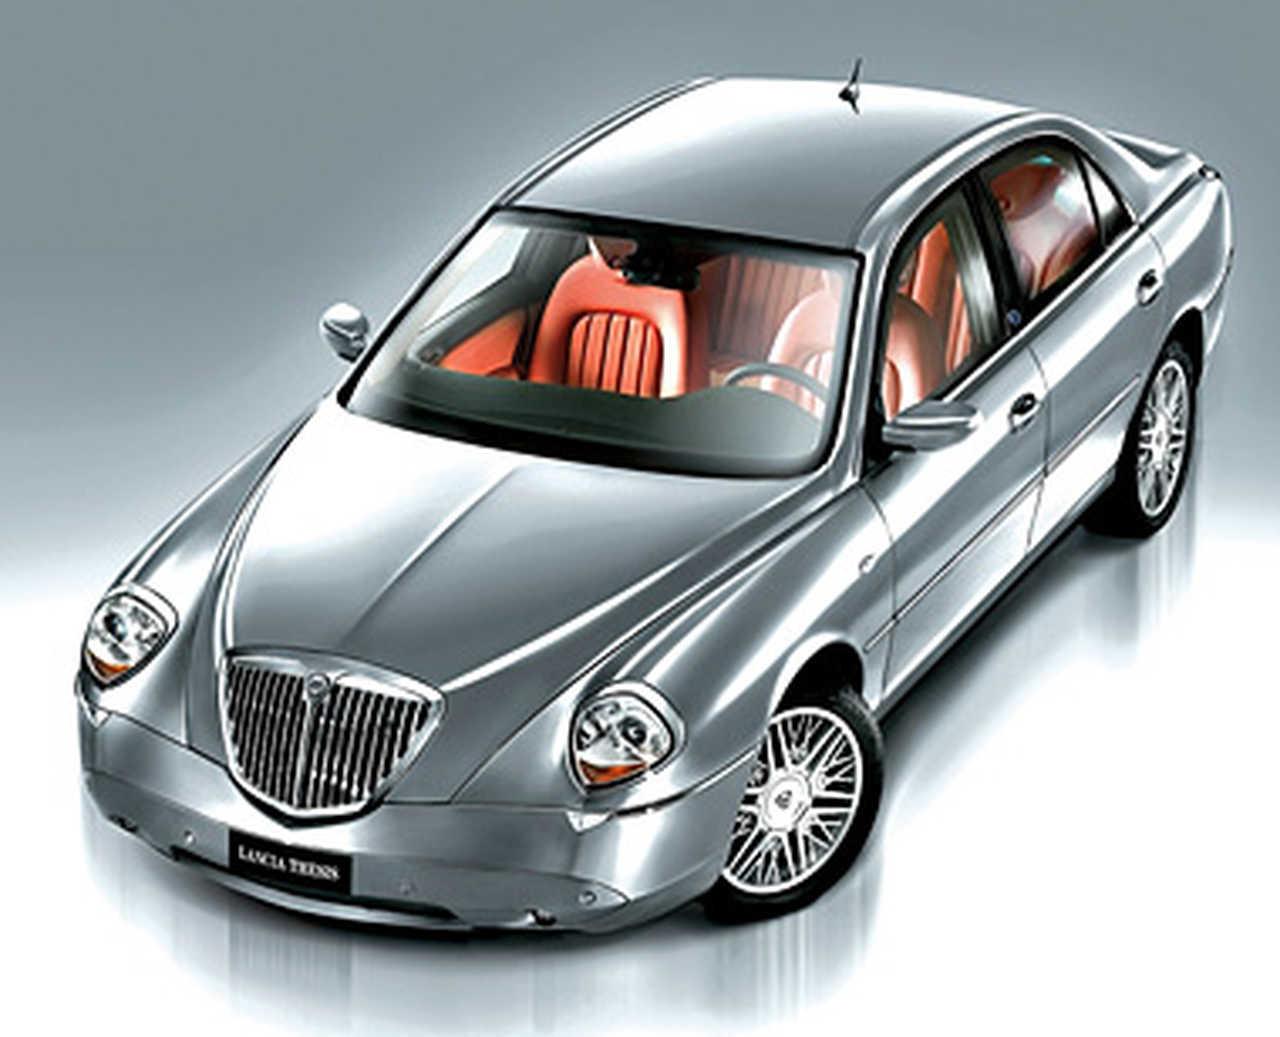 Lancia Thesis  2,4 JTD 185cv emblema   - Foto 1